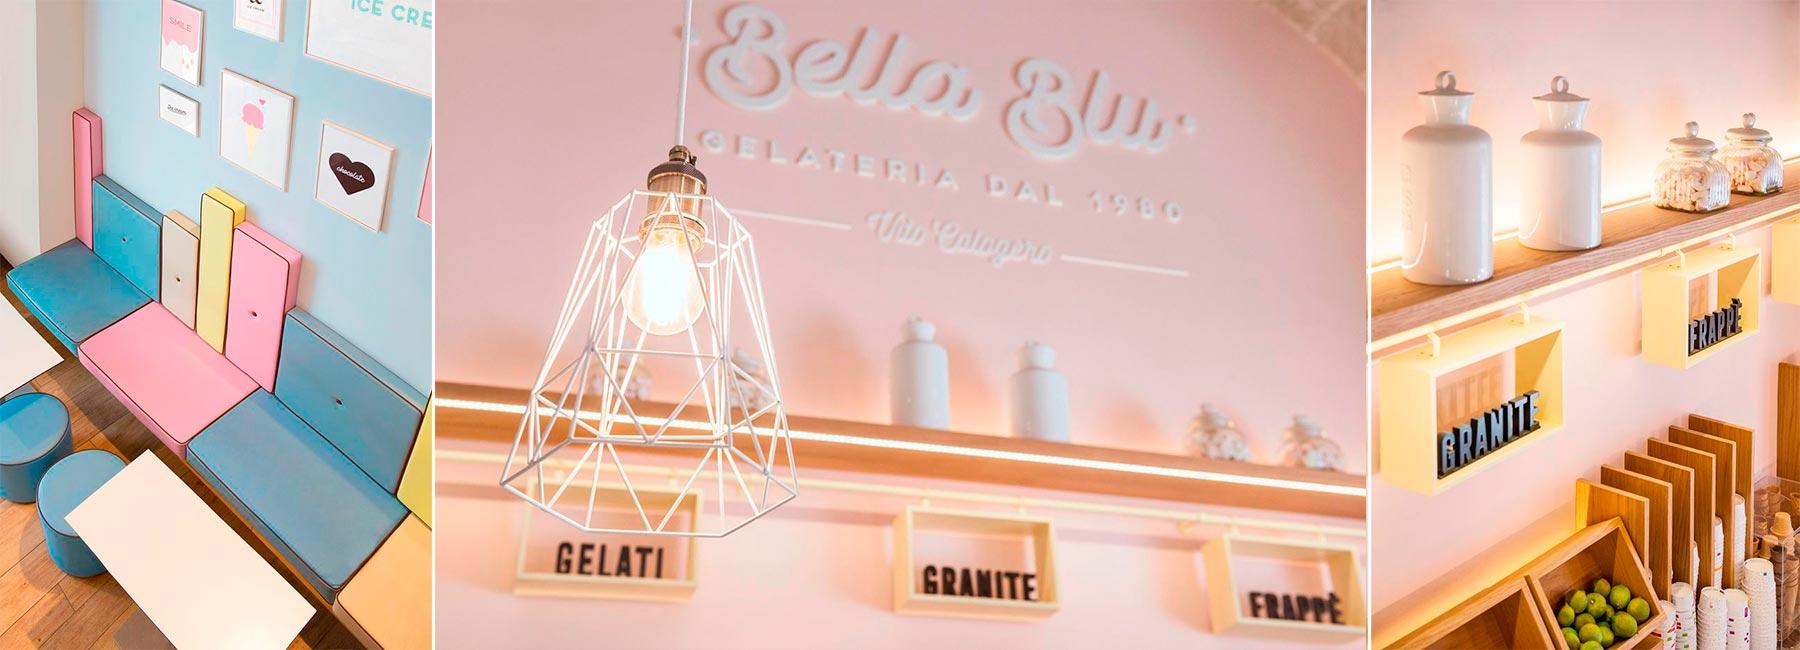 Кафе-мороженое Bella Blu в нежных оттенках